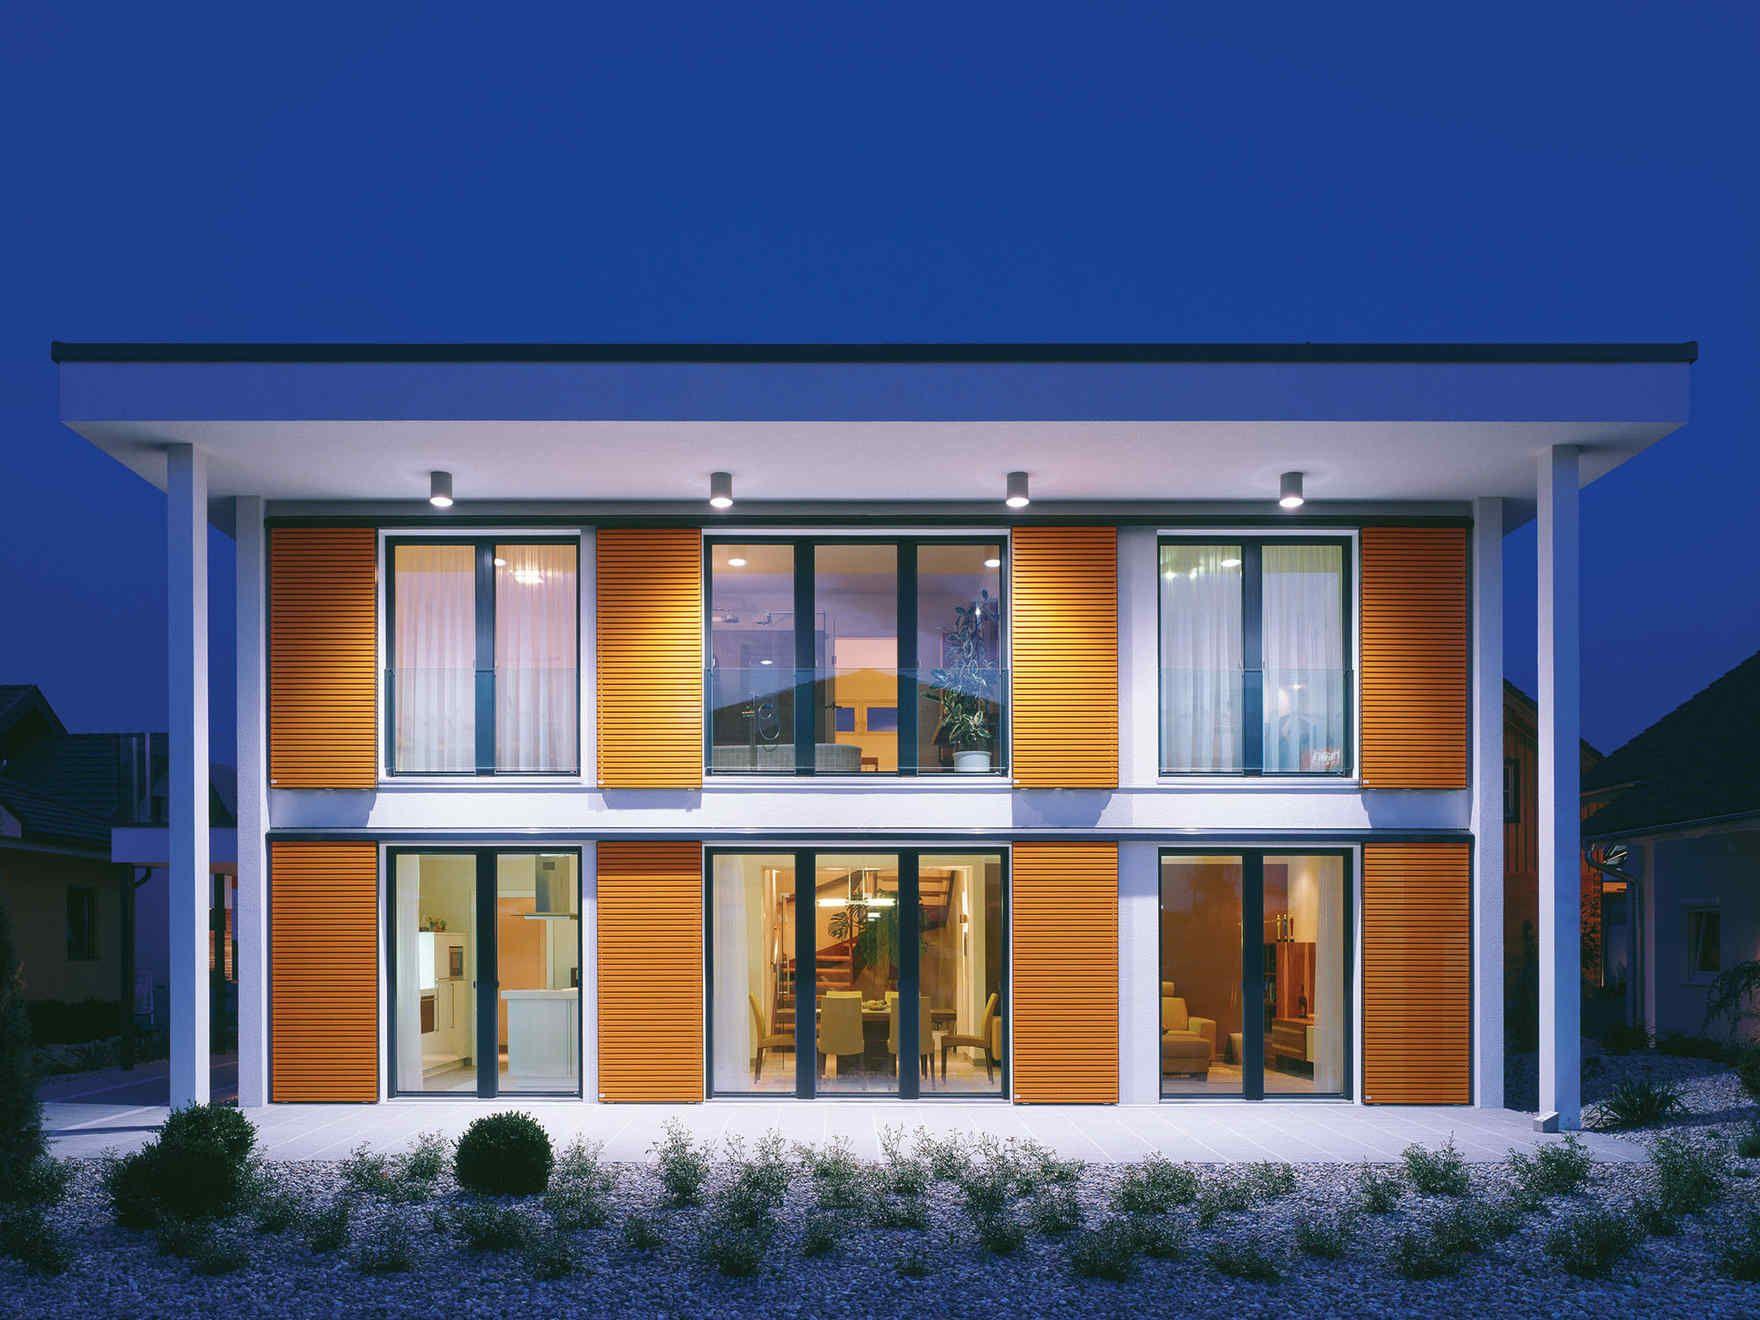 Vario haus sunrise gibtdemlebeneinzuhause einfamilienhaus fertighaus fertigteilhaus - Holzhaus bauhausstil ...